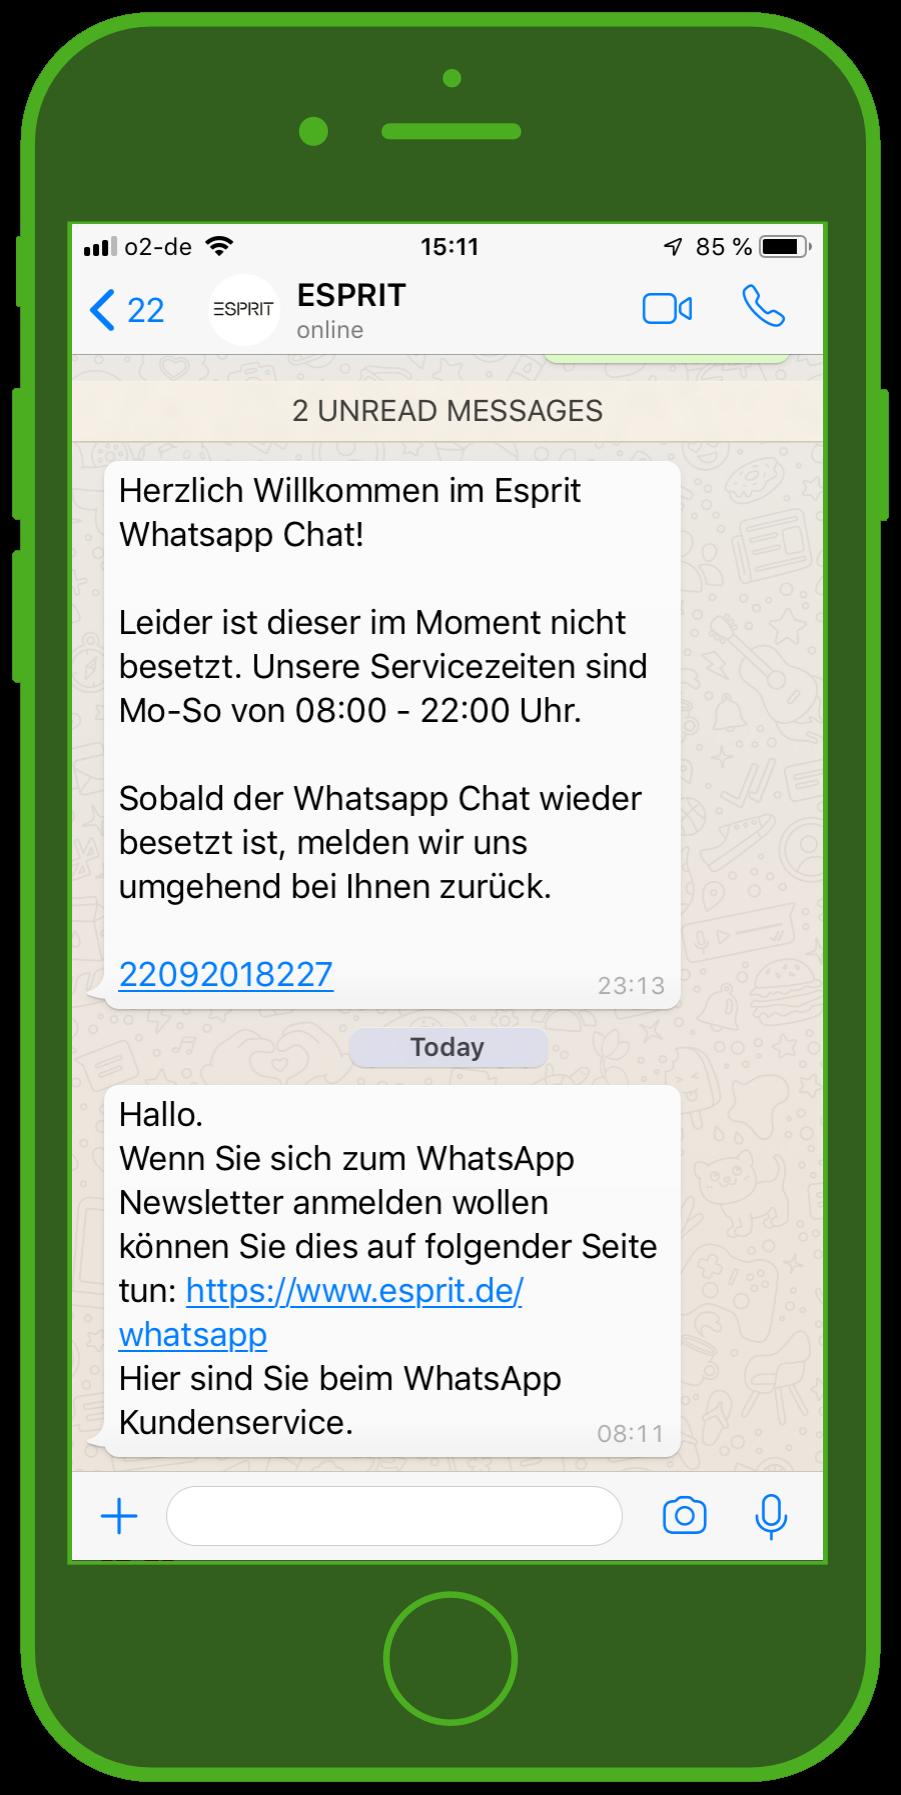 device-esprit-whatsapp-kundenservice